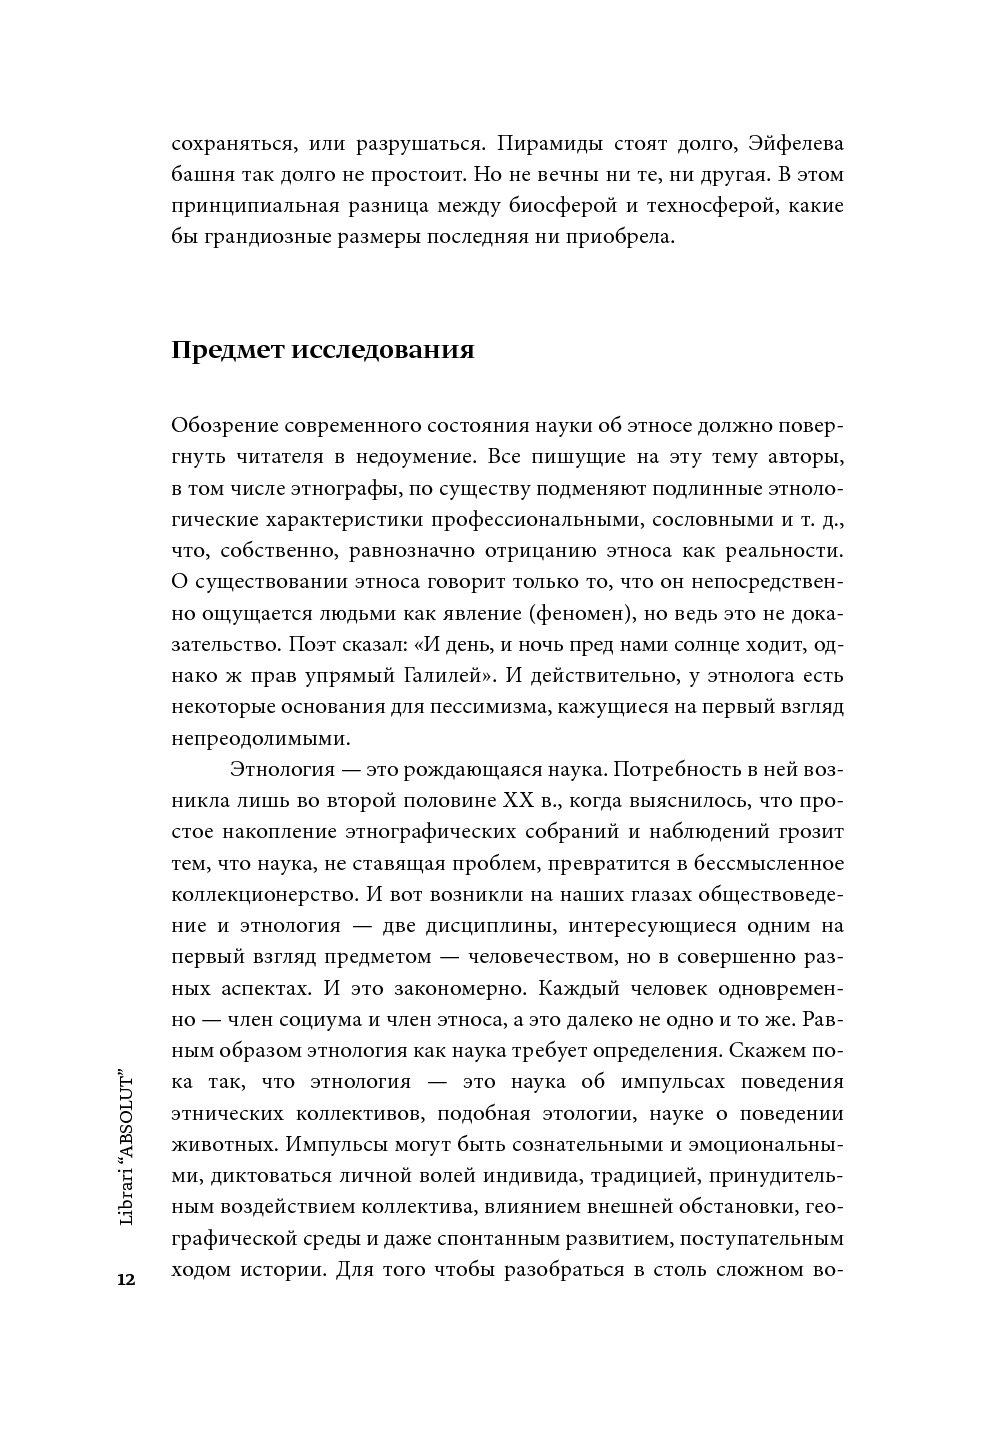 Пассионарная теория этногенеза книга скачать